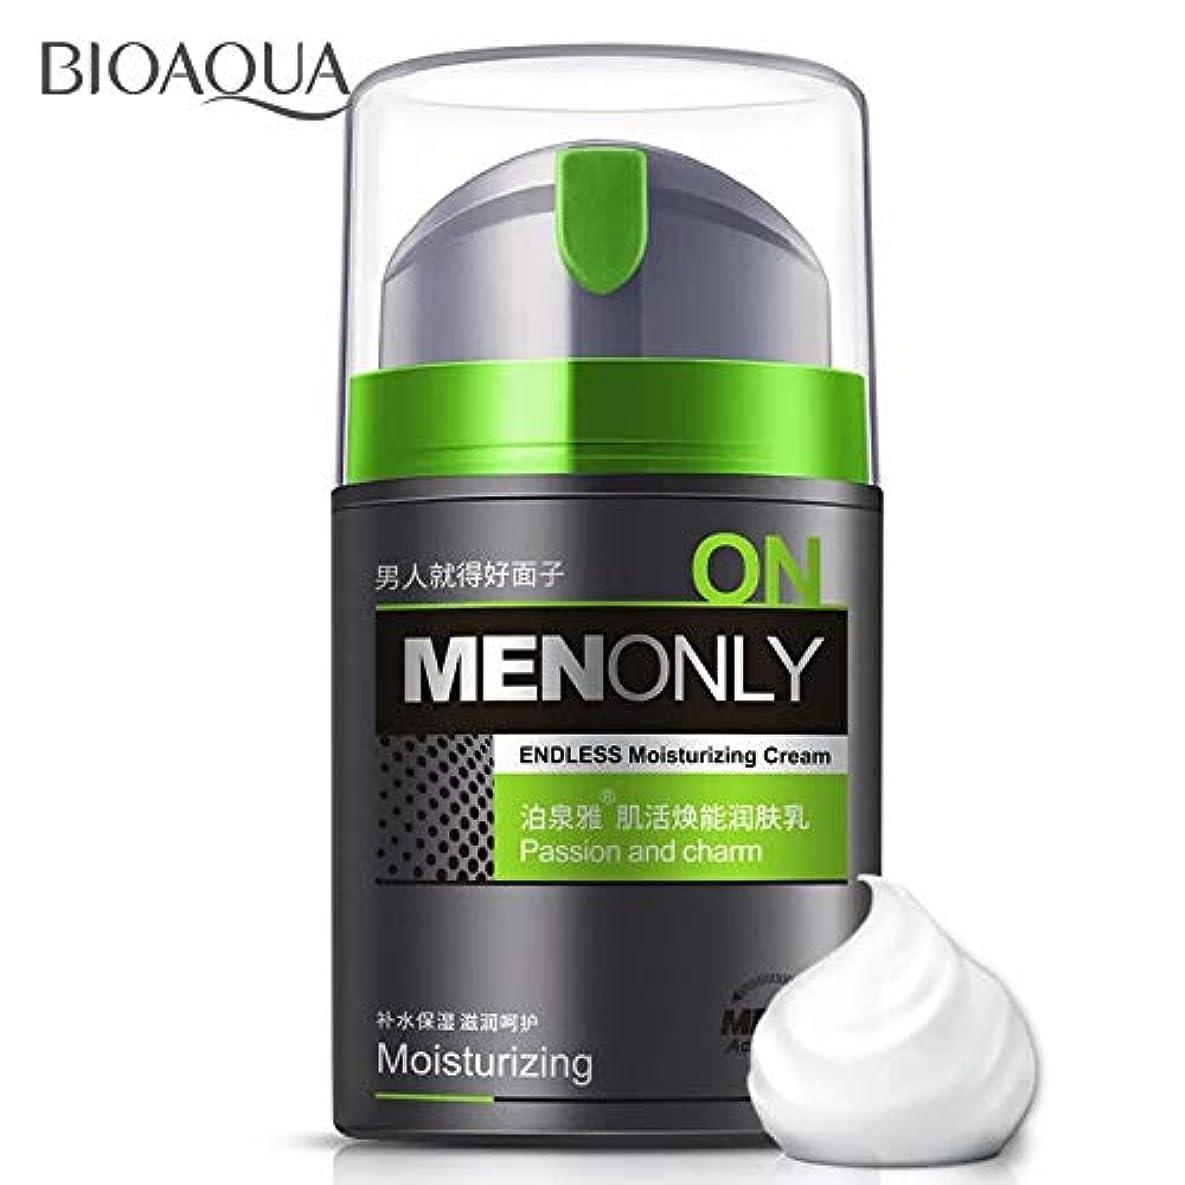 ホバーカウントアップ変更可能BIOAQUA男性保湿オイルコントロールフェイスクリームアンチリンクルデイクリーム寧ケア